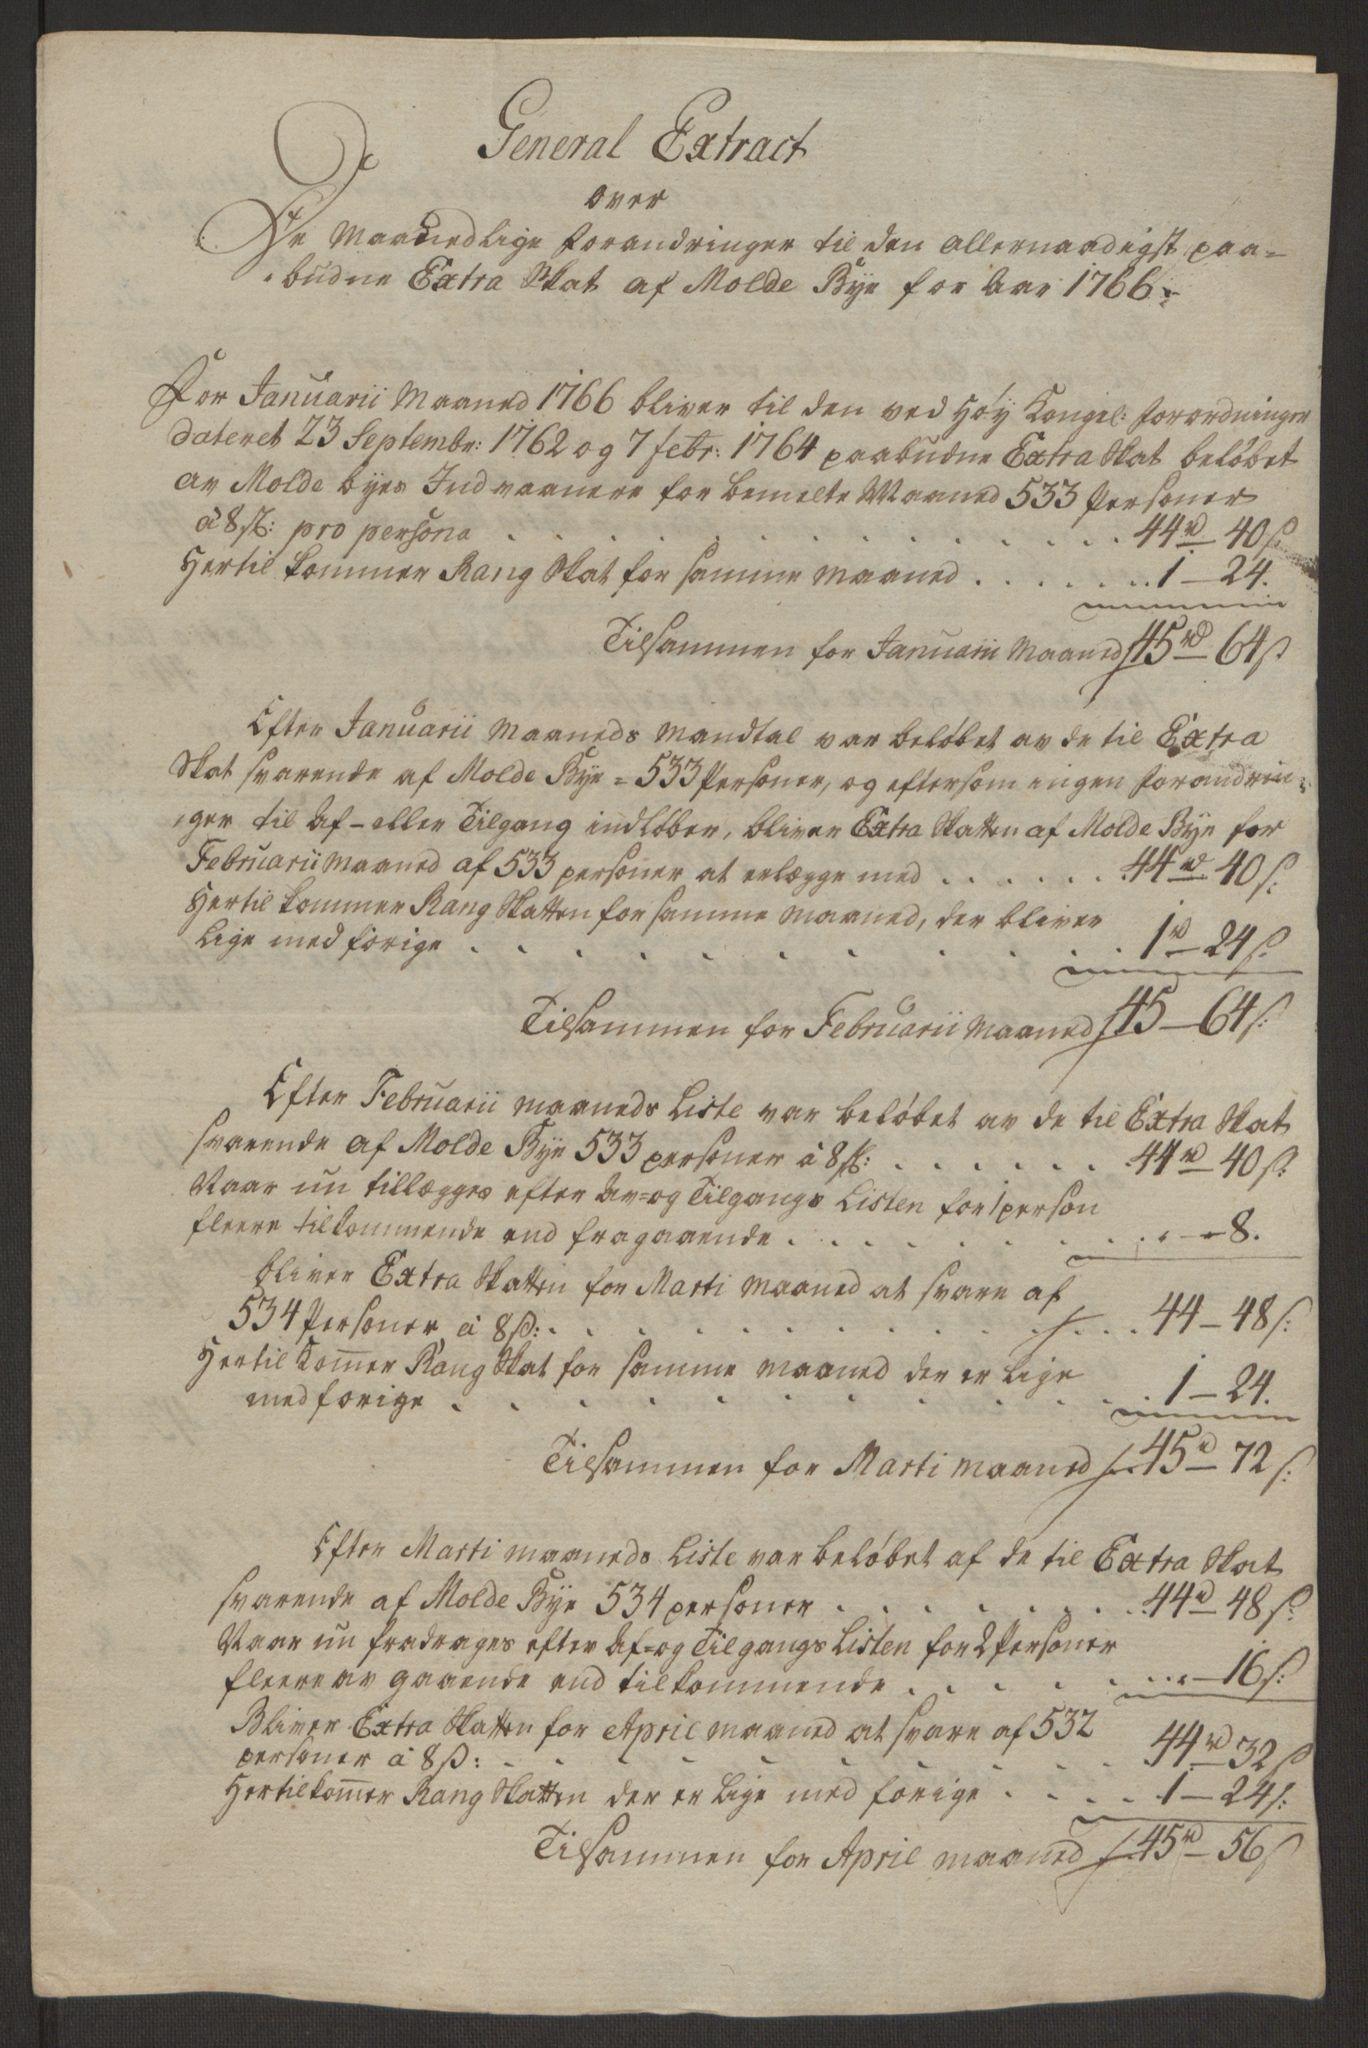 RA, Rentekammeret inntil 1814, Reviderte regnskaper, Byregnskaper, R/Rq/L0487: [Q1] Kontribusjonsregnskap, 1762-1772, s. 132